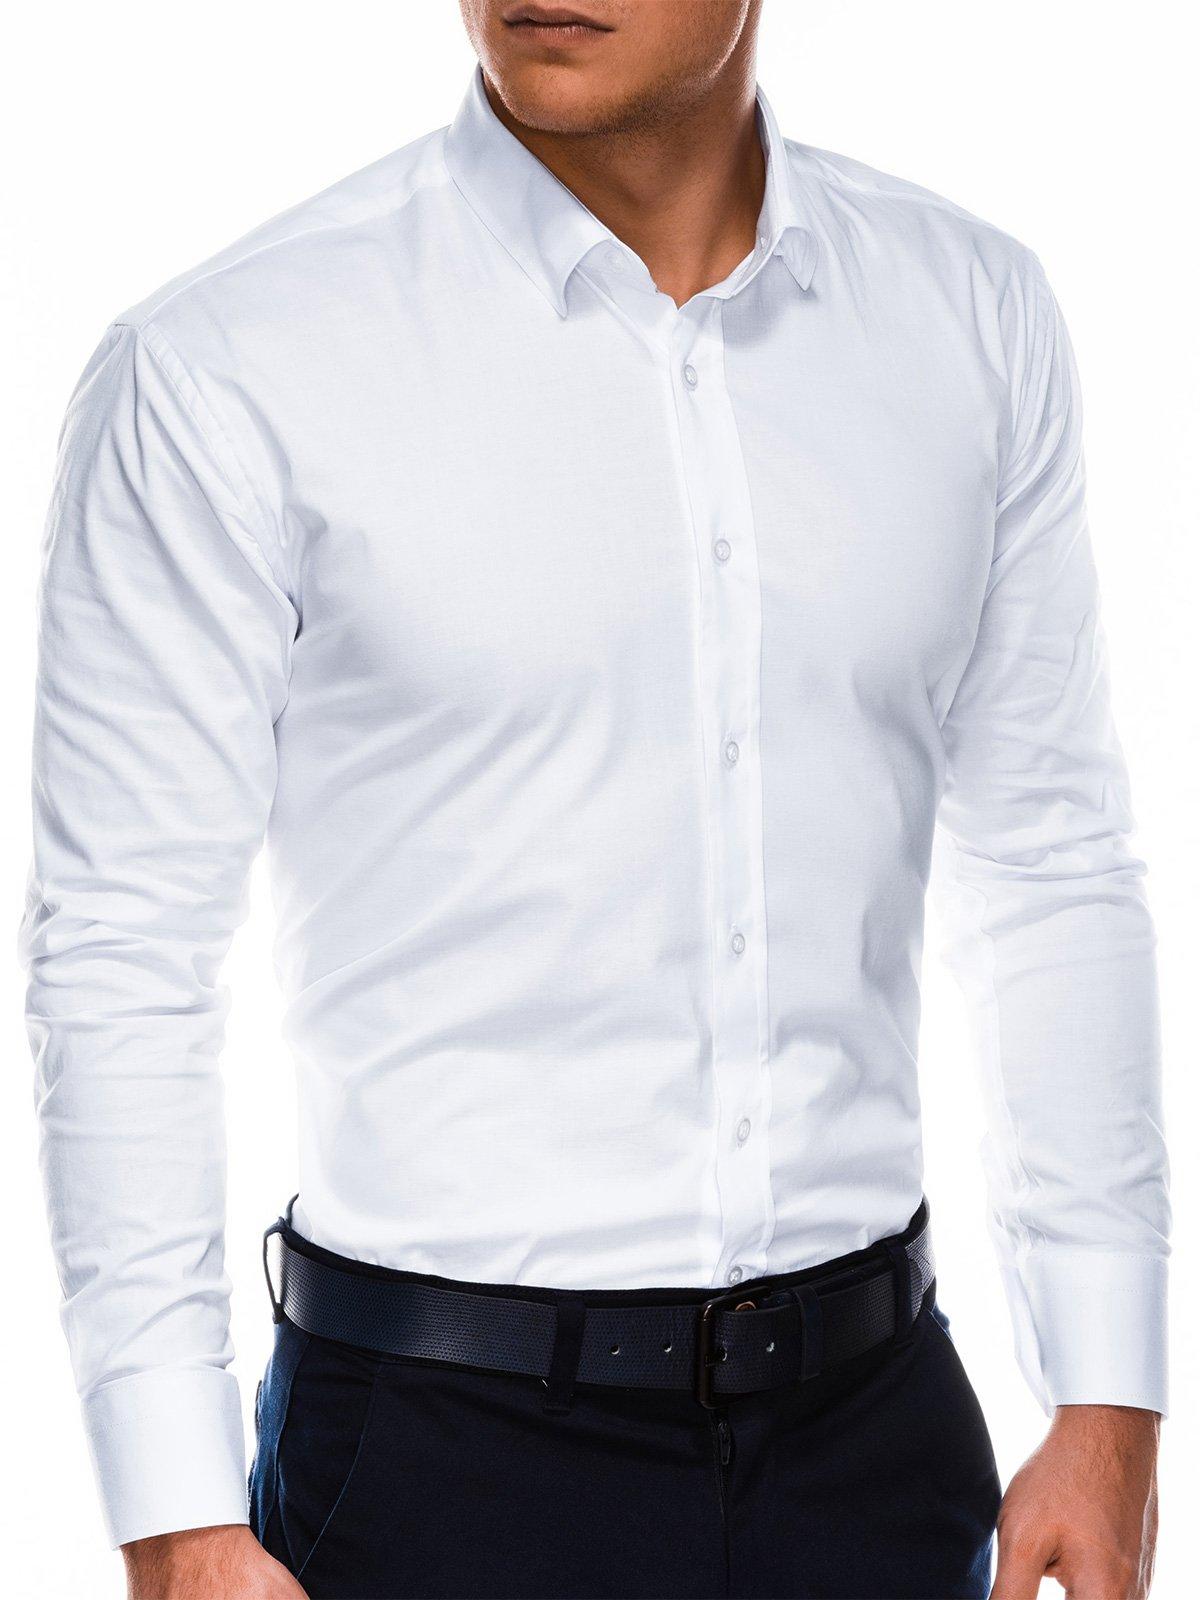 Купить со скидкой Сорочка чоловіча з довгим рукавом K505 - біла